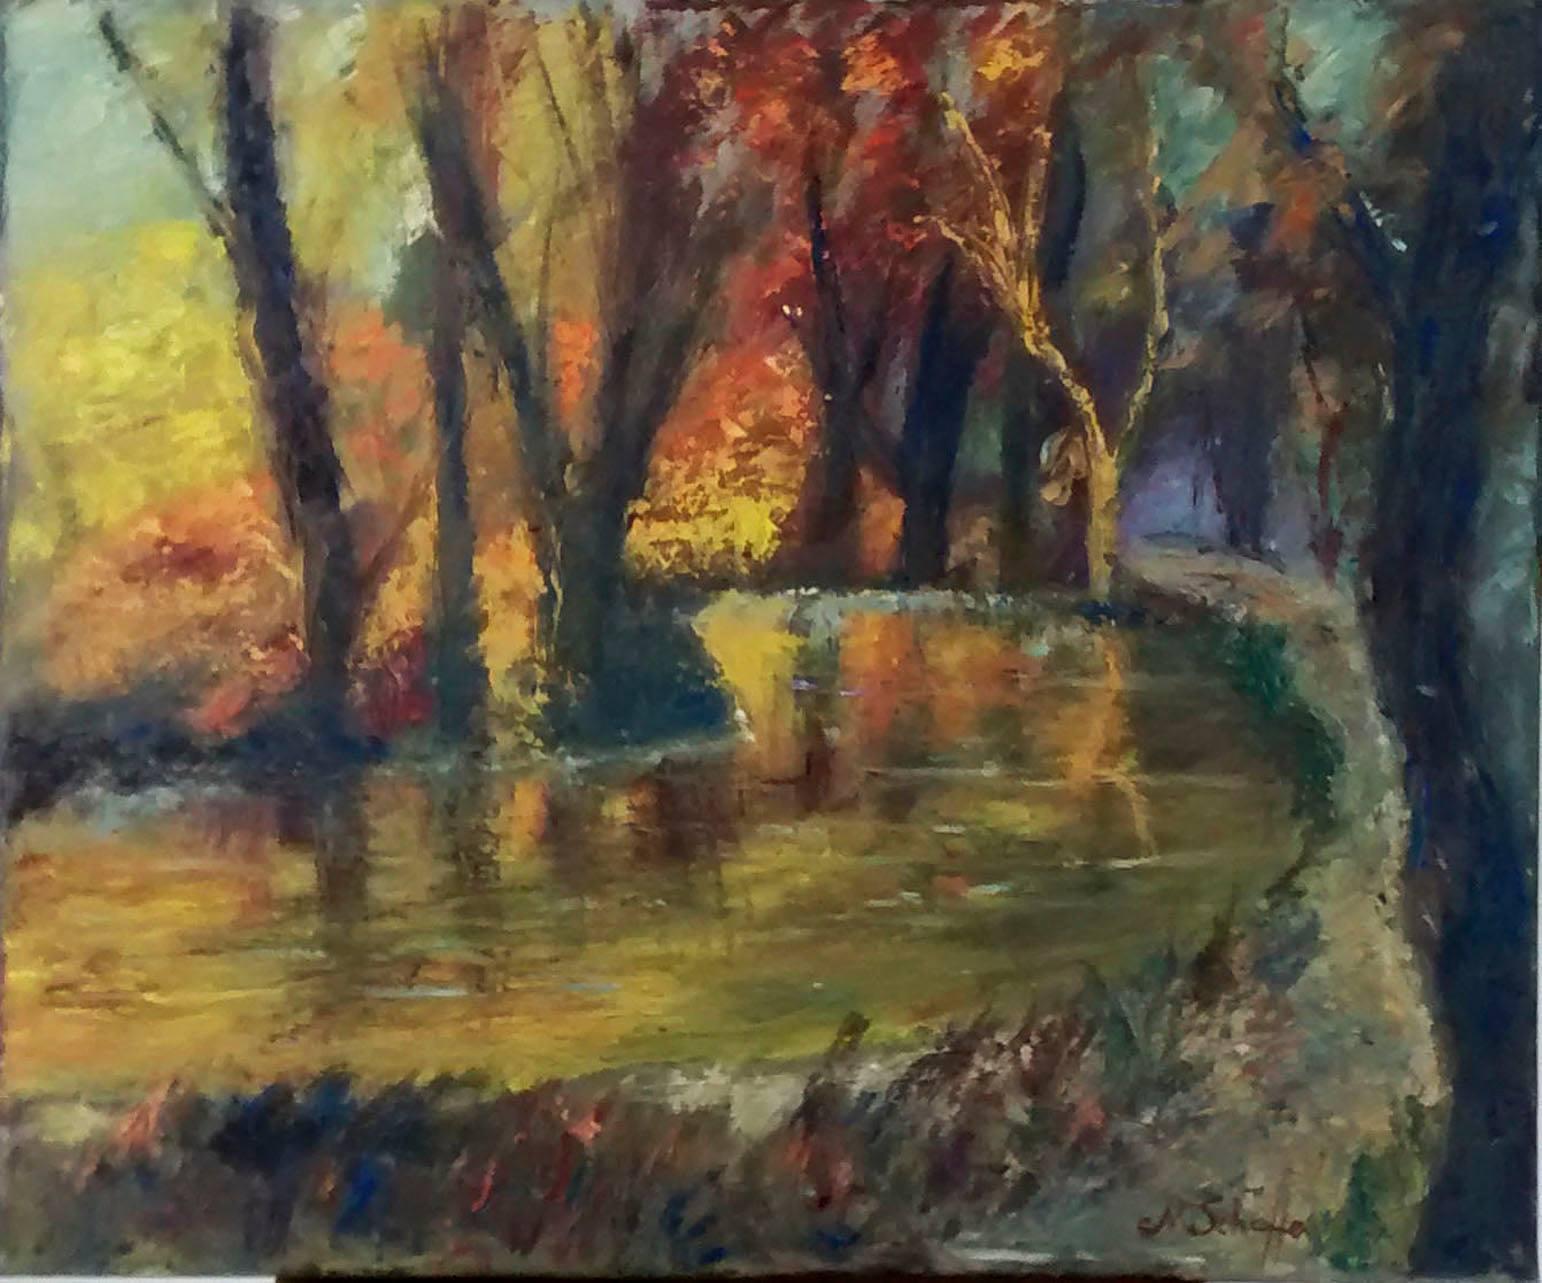 Oktober am Teich, Öl auf Leinwand, 50 x 60 cm